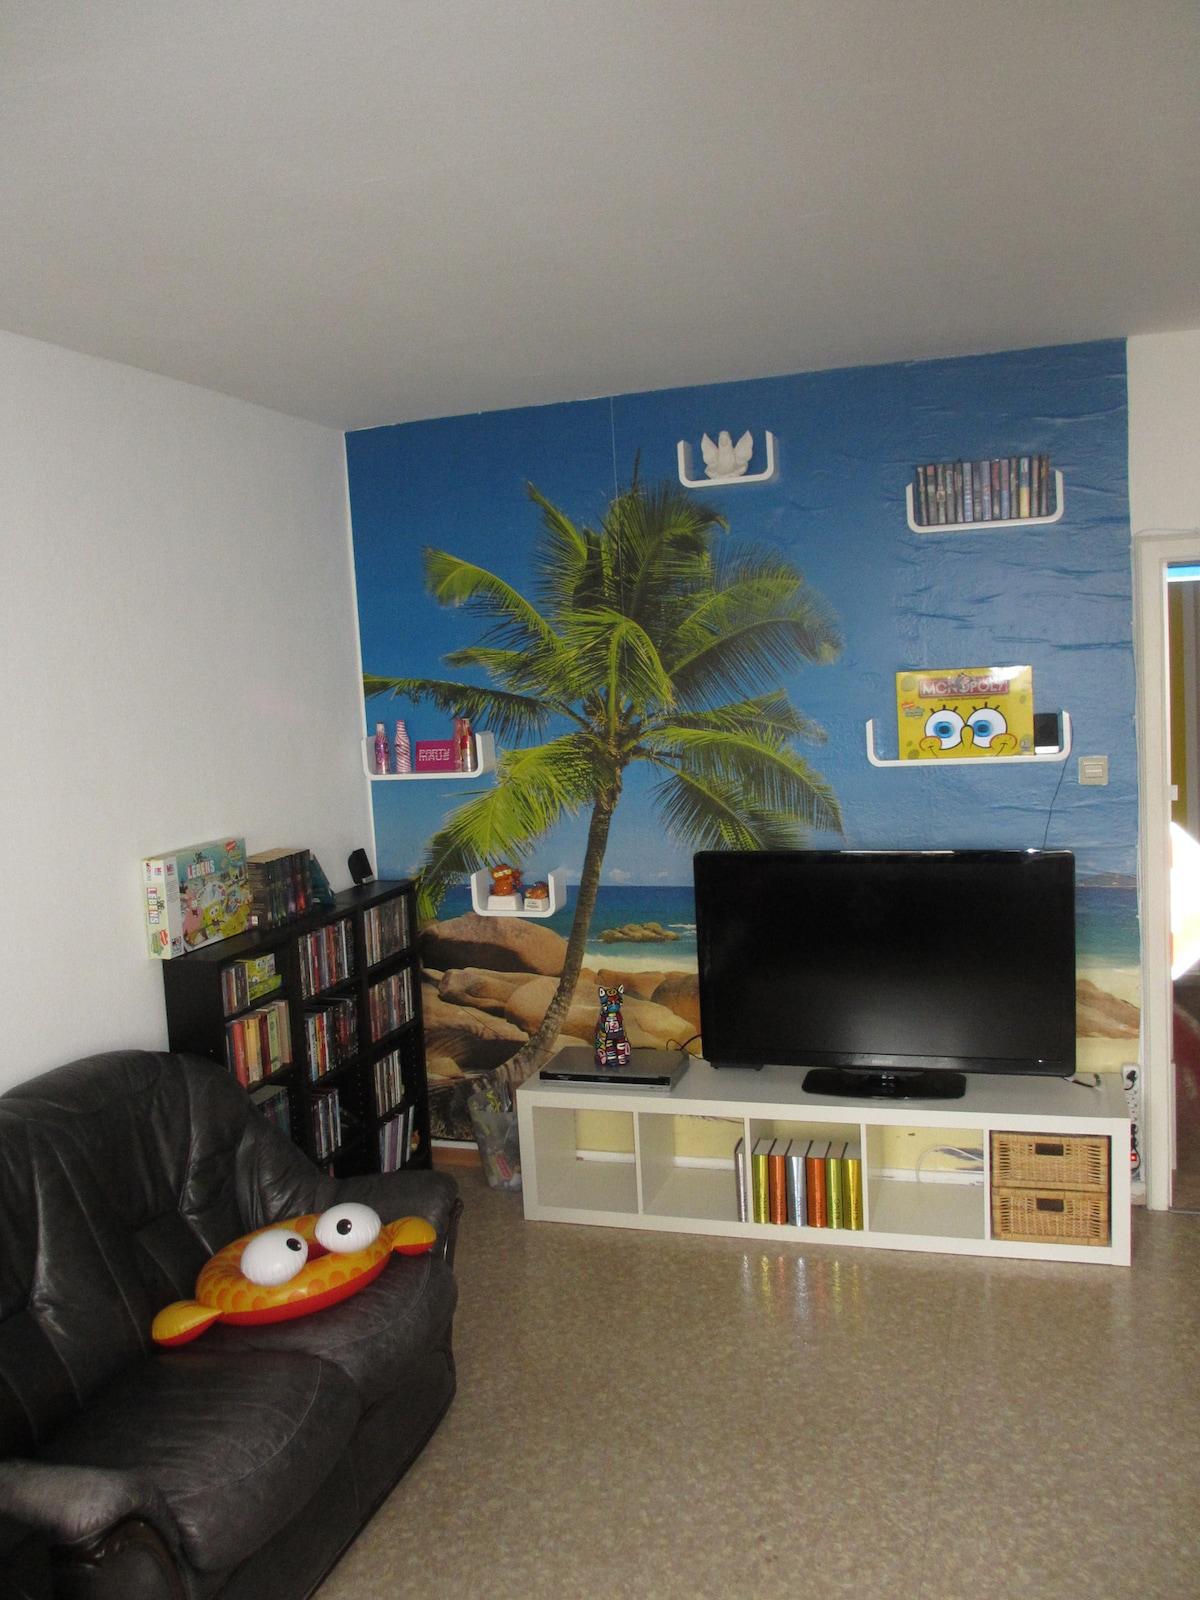 Die Fernsehecke mit Blick aufs Meer. - The TV area with ocean view.